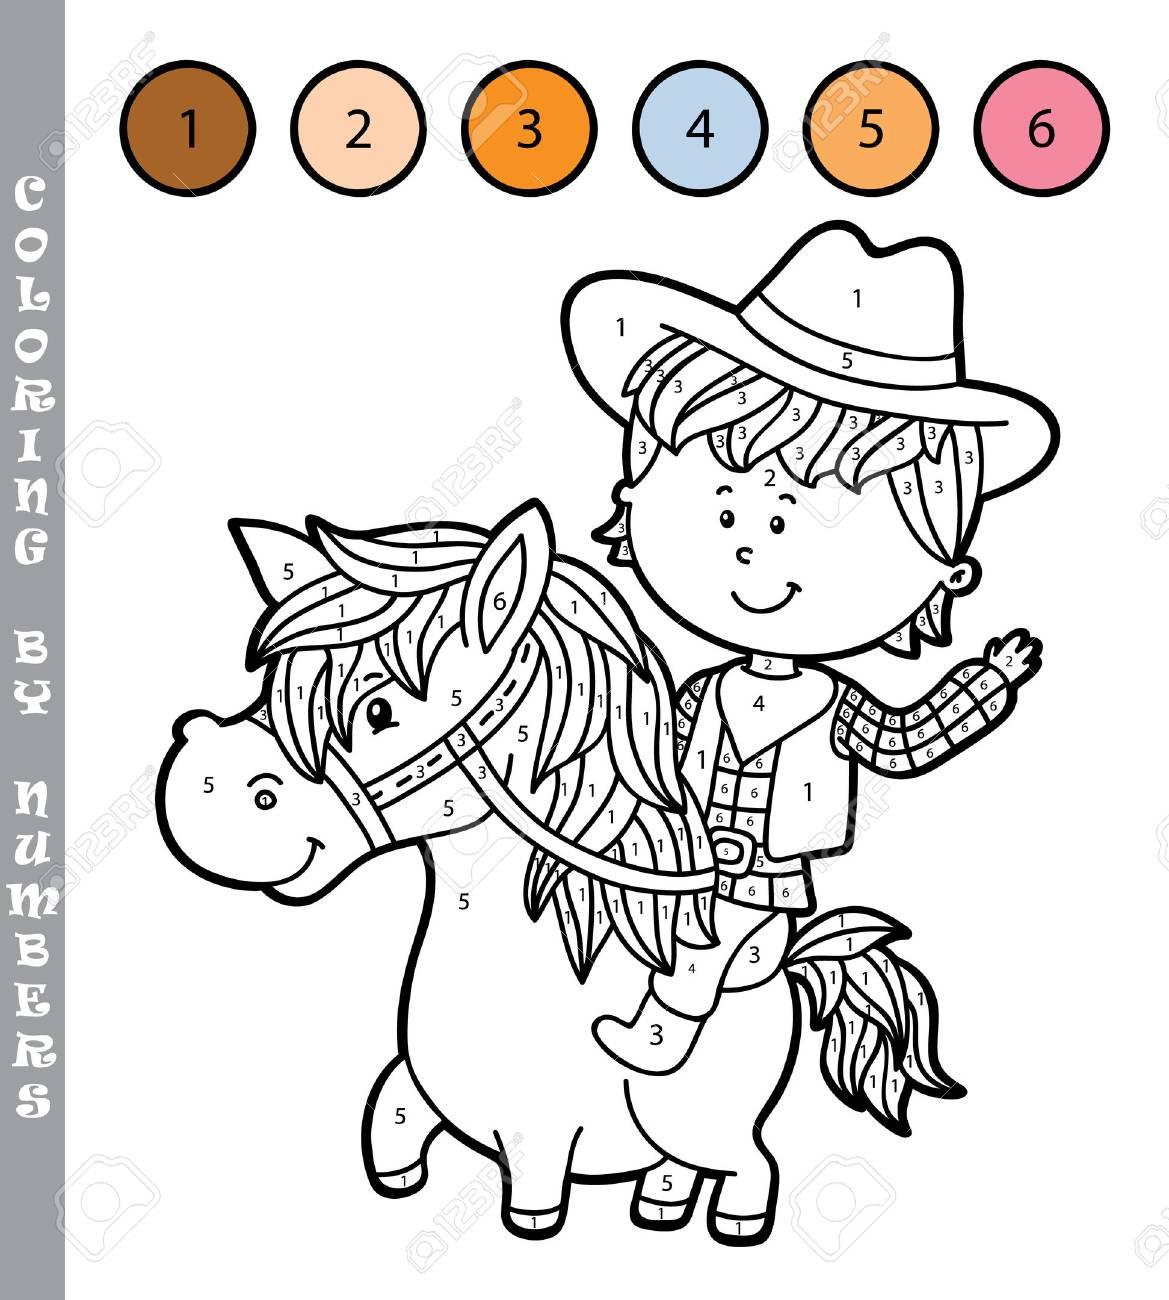 Ilustración Vectorial Para Colorear Por Números Juego Educativo Con El Niño De Dibujos Animados Para Los Niños